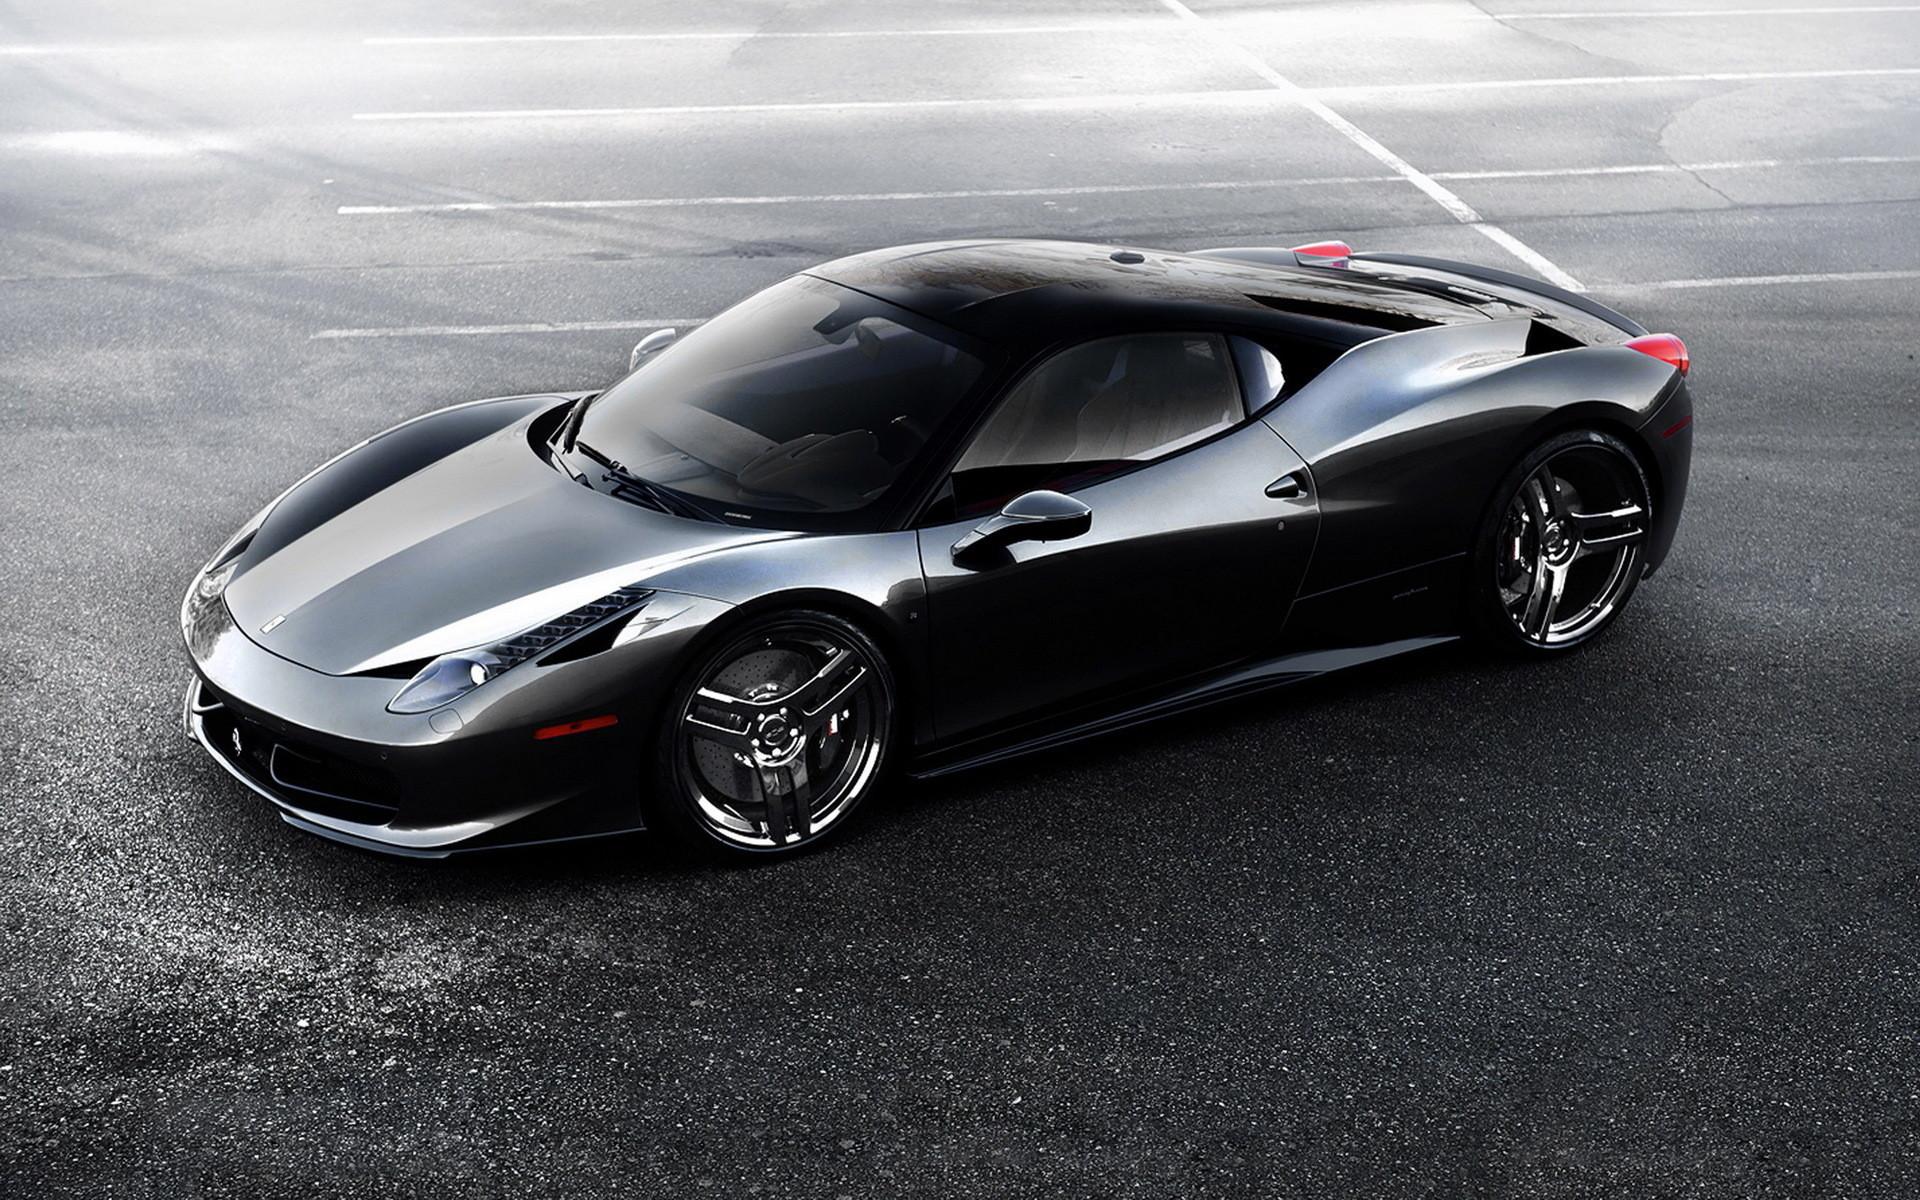 Res: 1920x1200, Vehicles - Ferrari Wallpaper